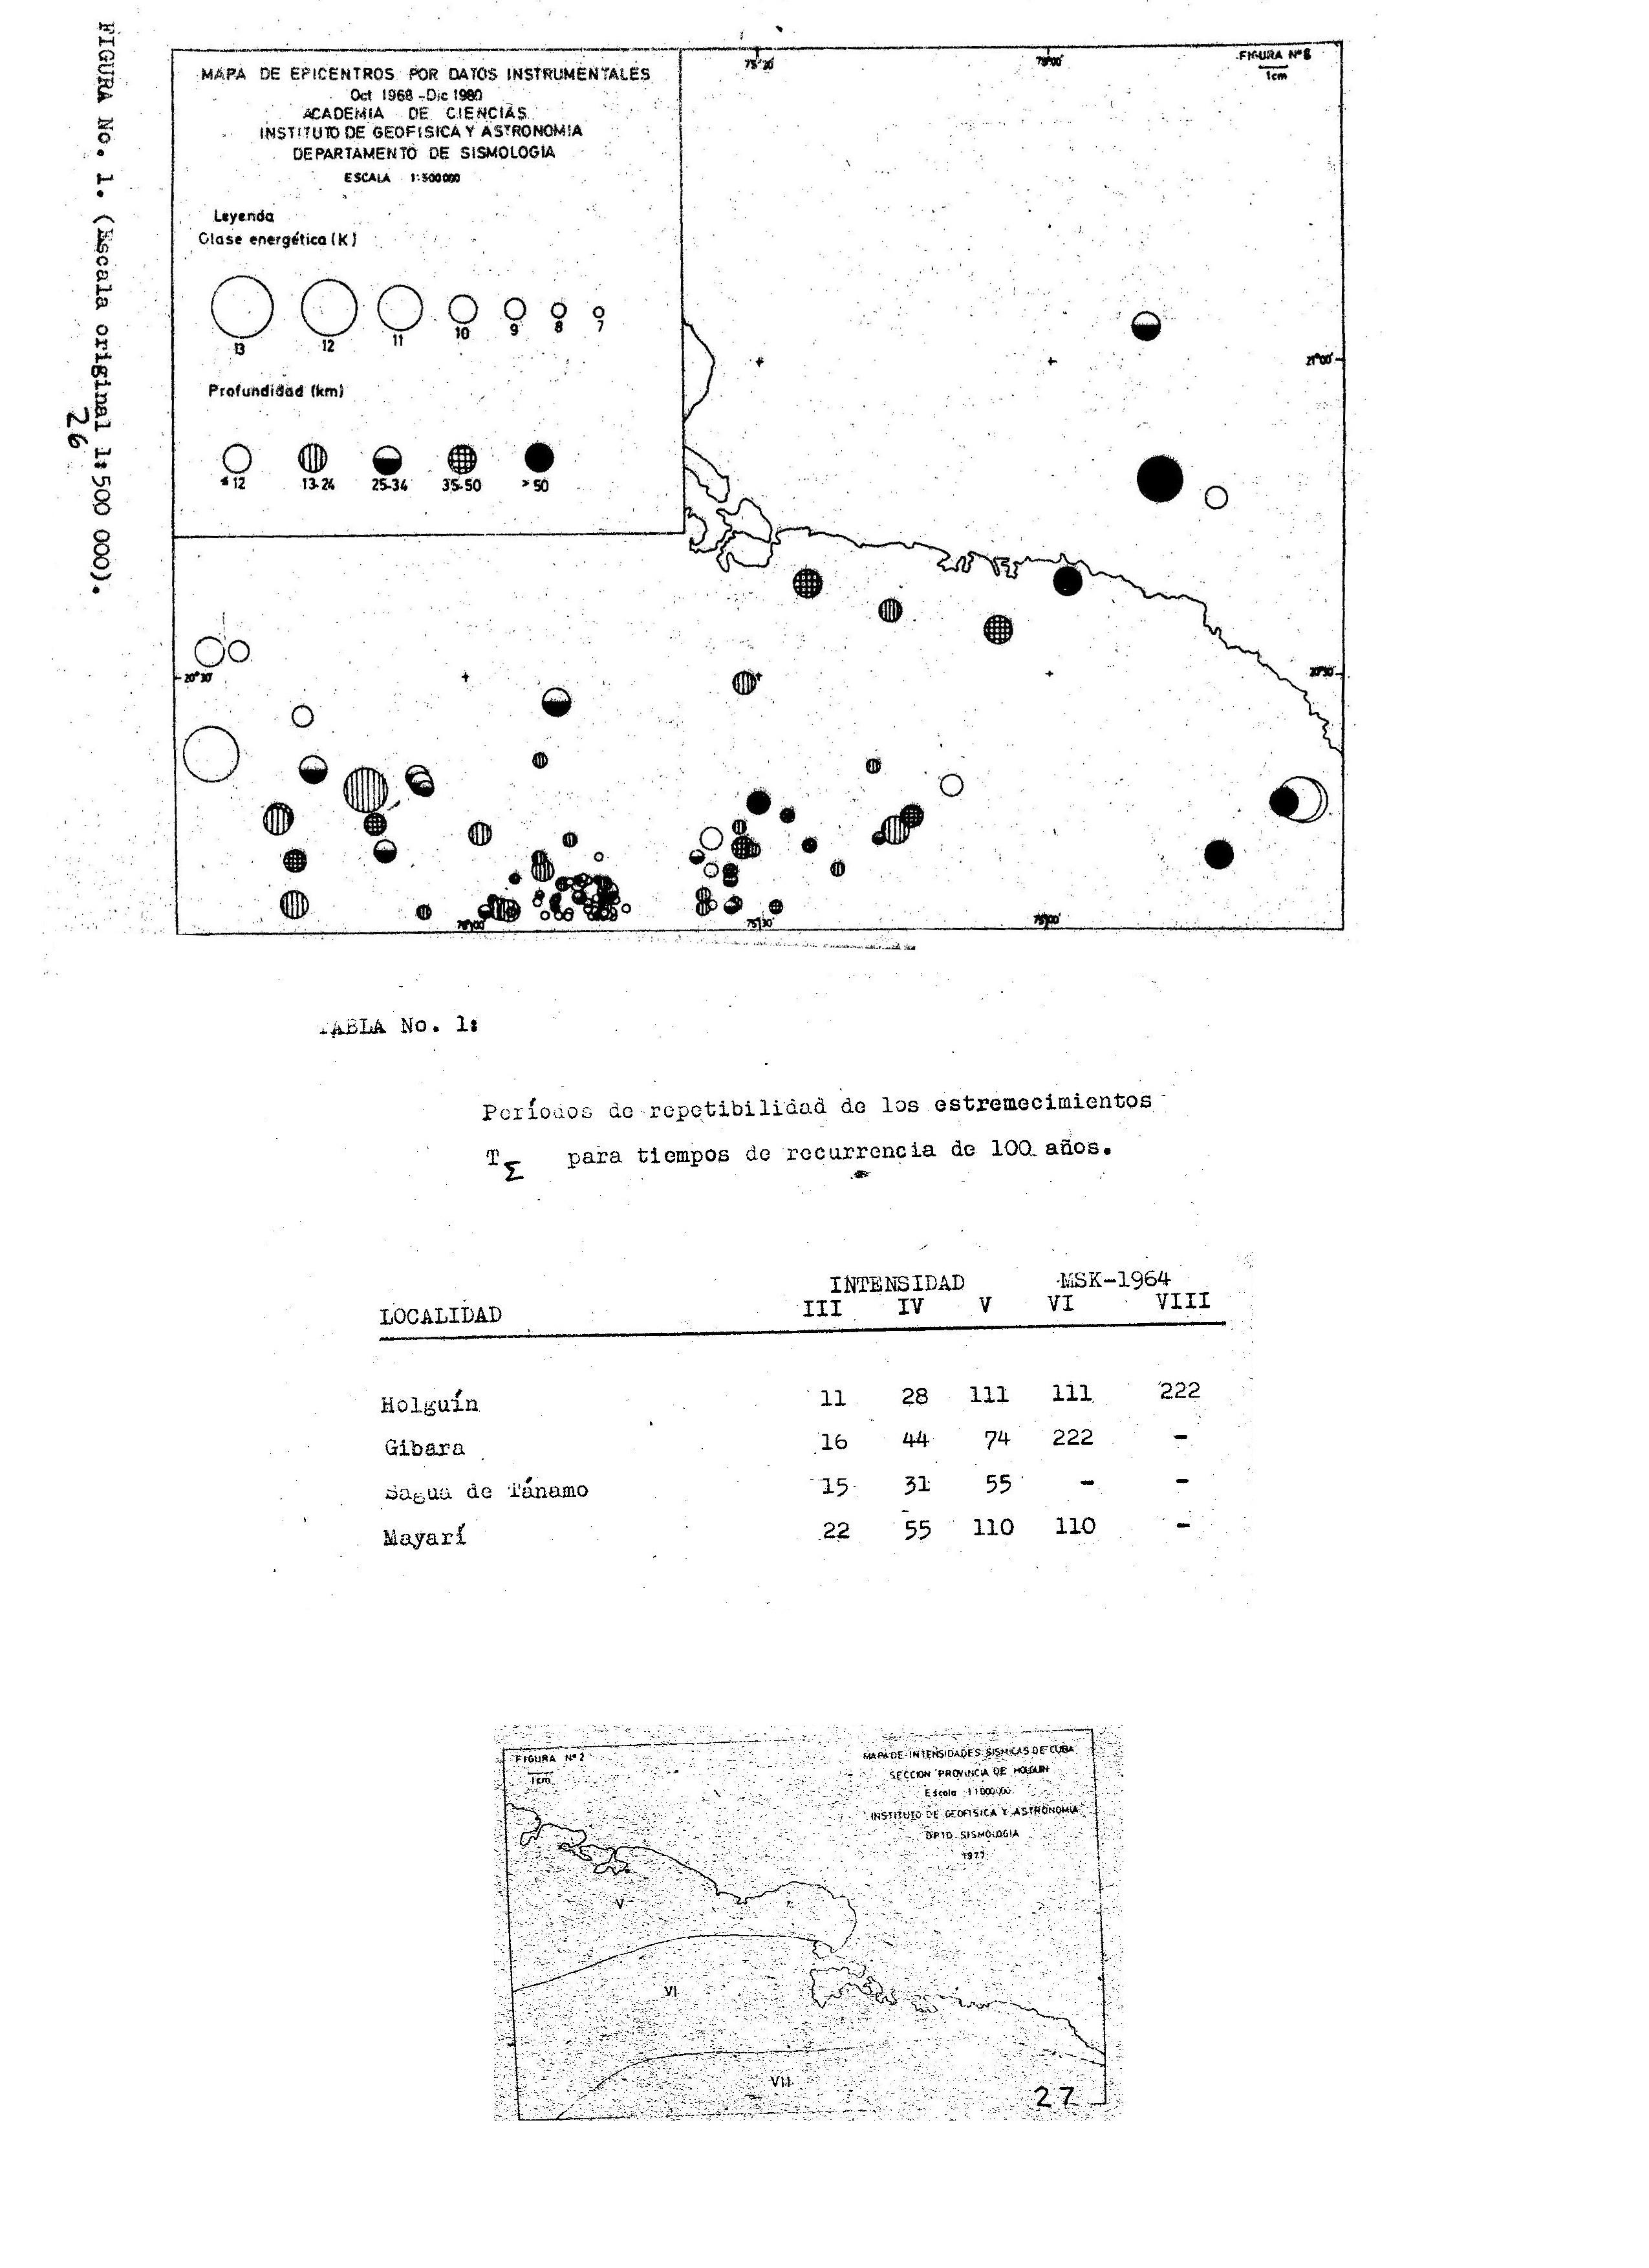 Biblioteca digital cubana de geociencias chuy rodrguez tj 1982 actividad ssmica de la provincia de holgun investigaciones sismolgicas en cuba no 2 20 45 fandeluxe Choice Image